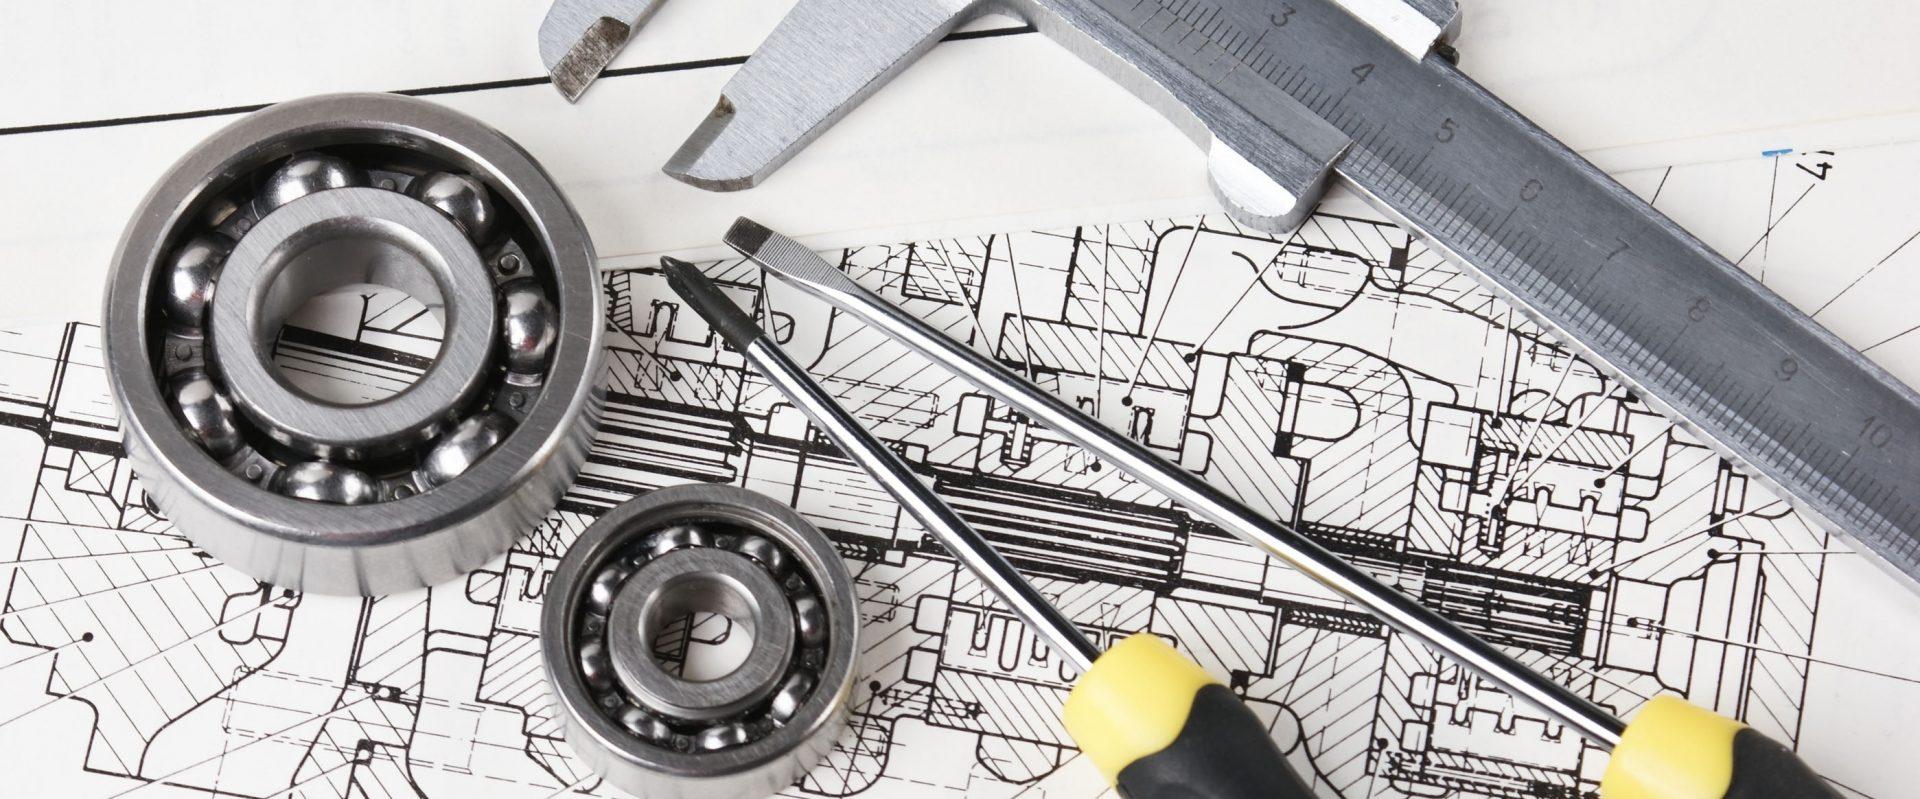 انجمن مهندسان مکانيک ايران- شعبه يزد